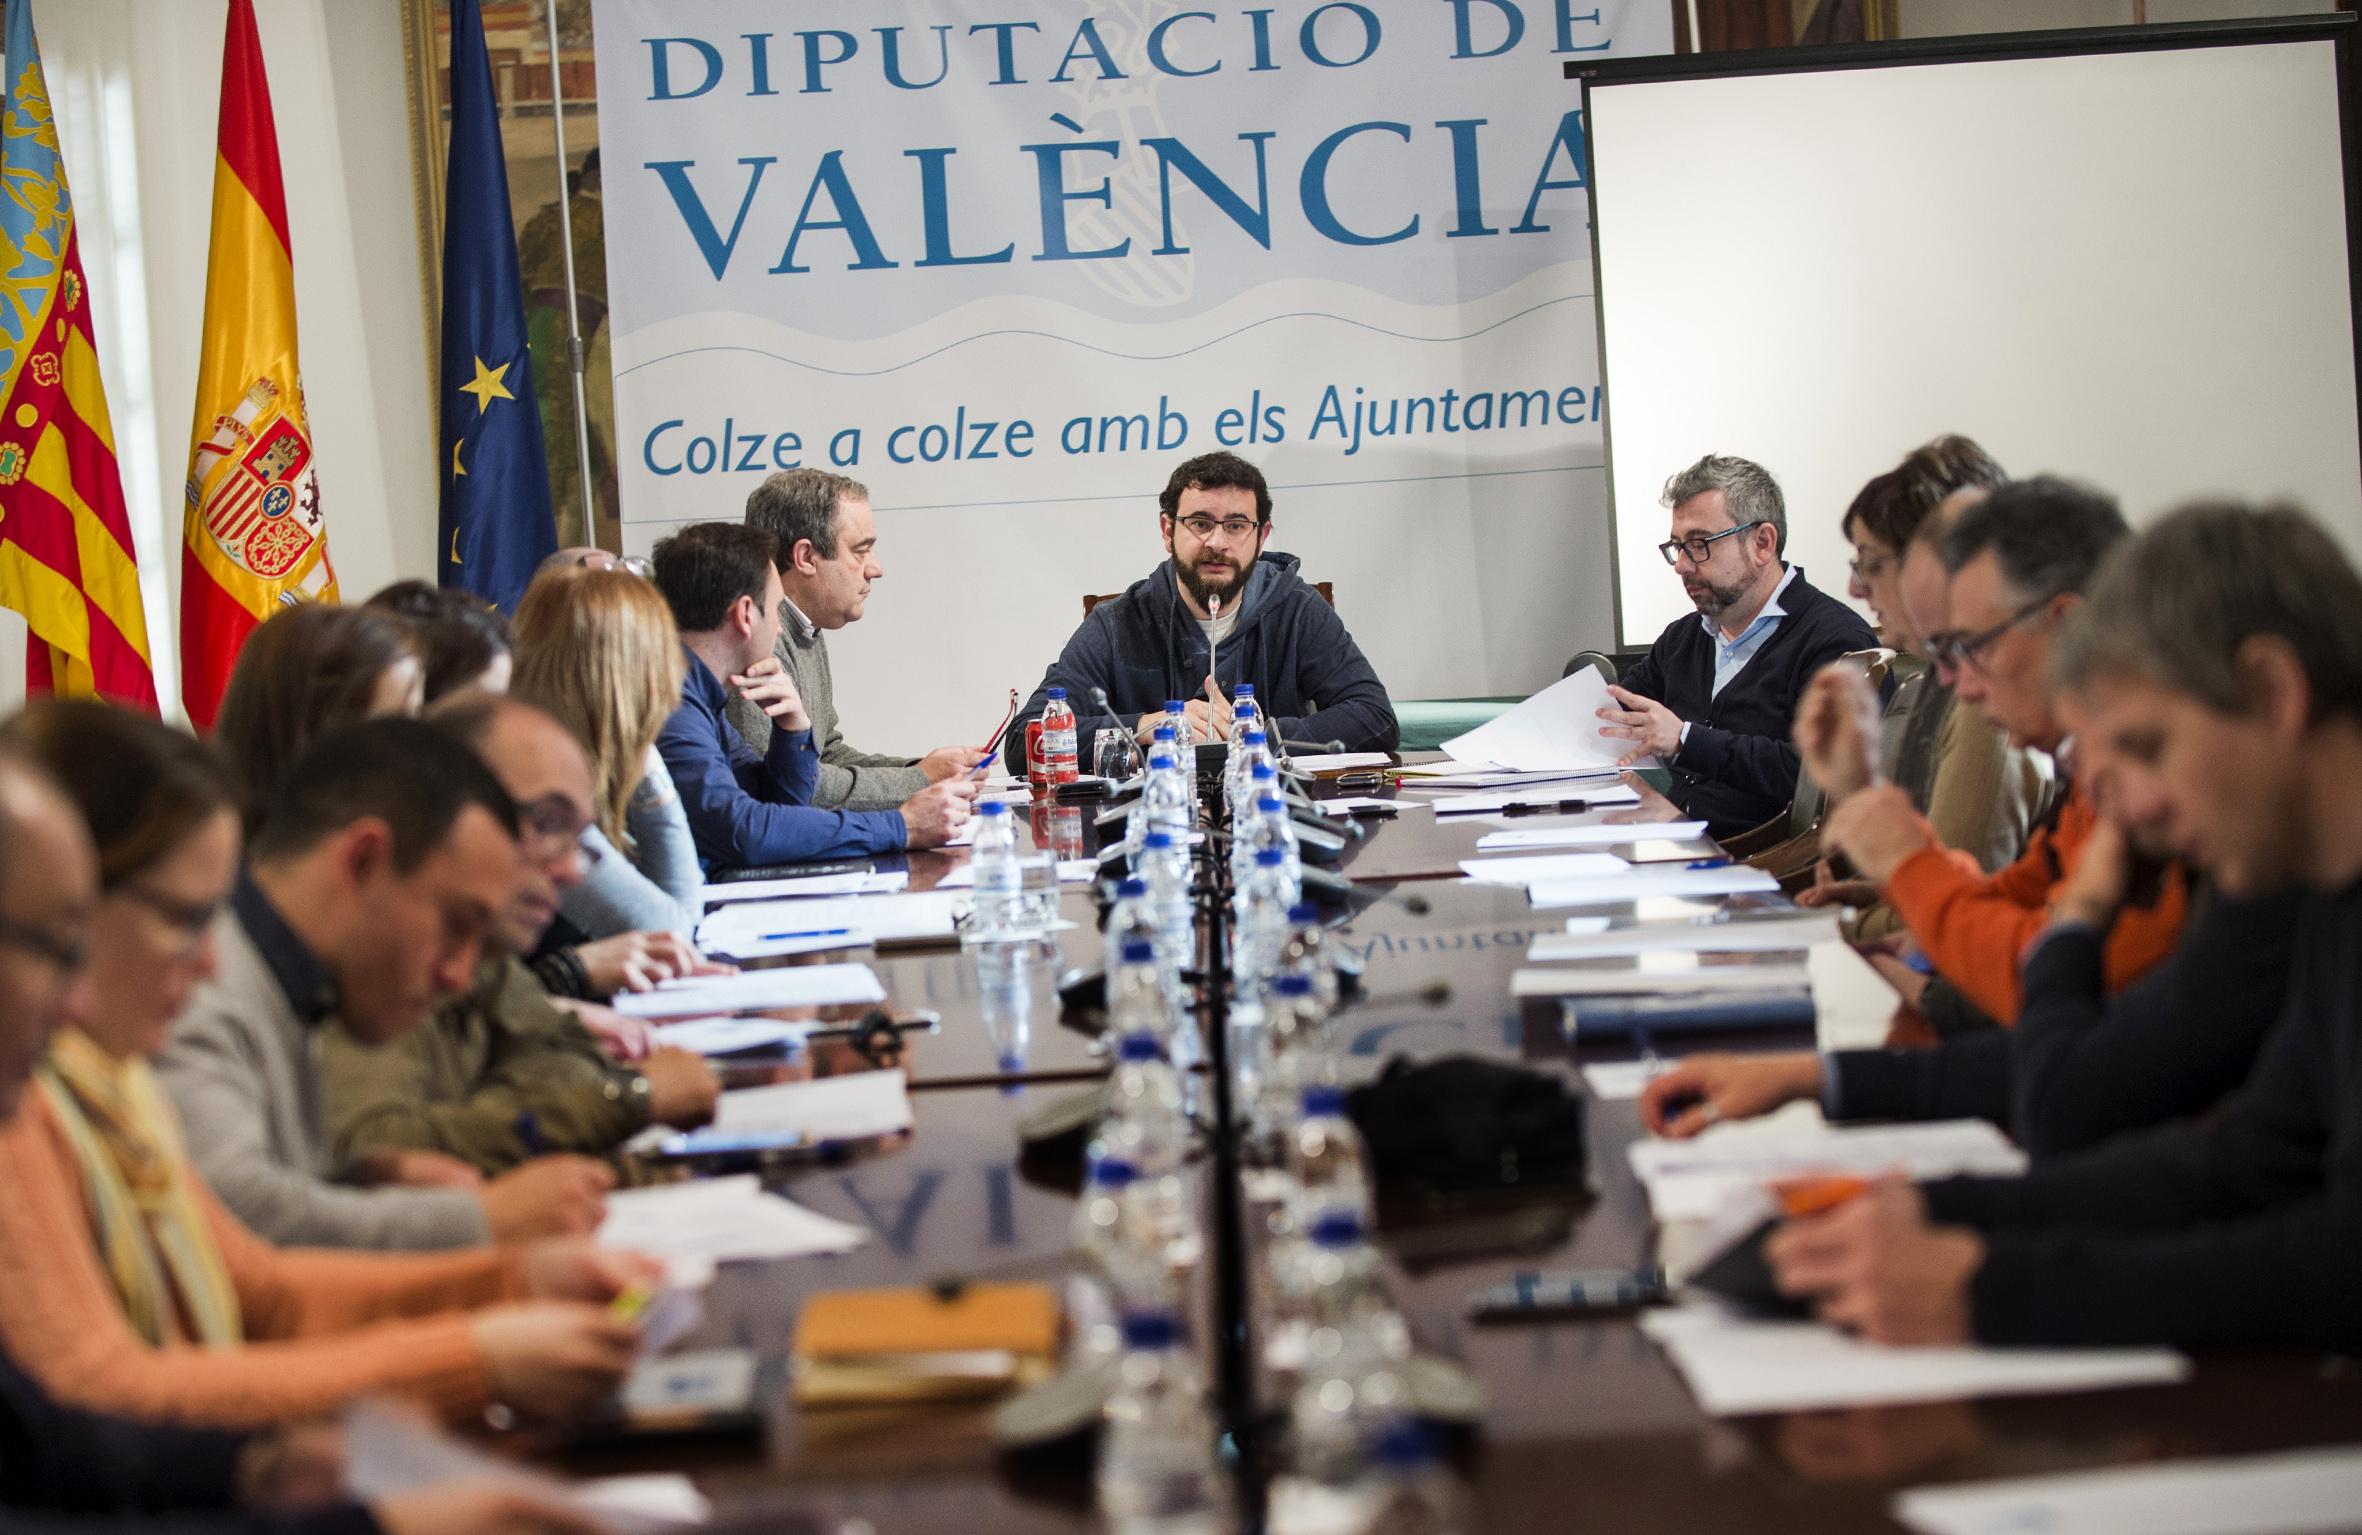 El diputado ha presidido la reunión con los responsables de las mancomunidades.